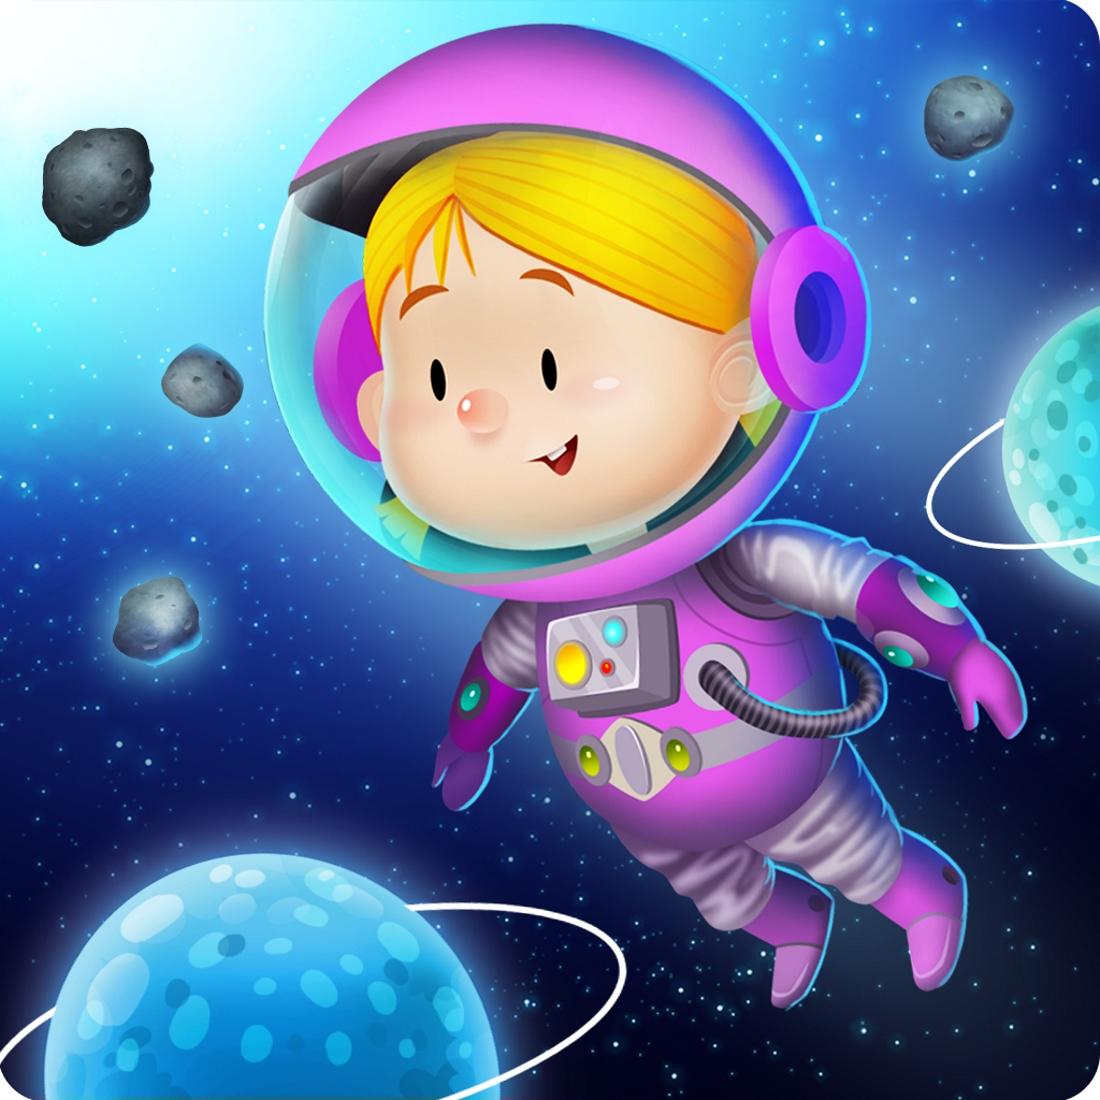 Картинки для детей космос и космонавты, картинки мужа